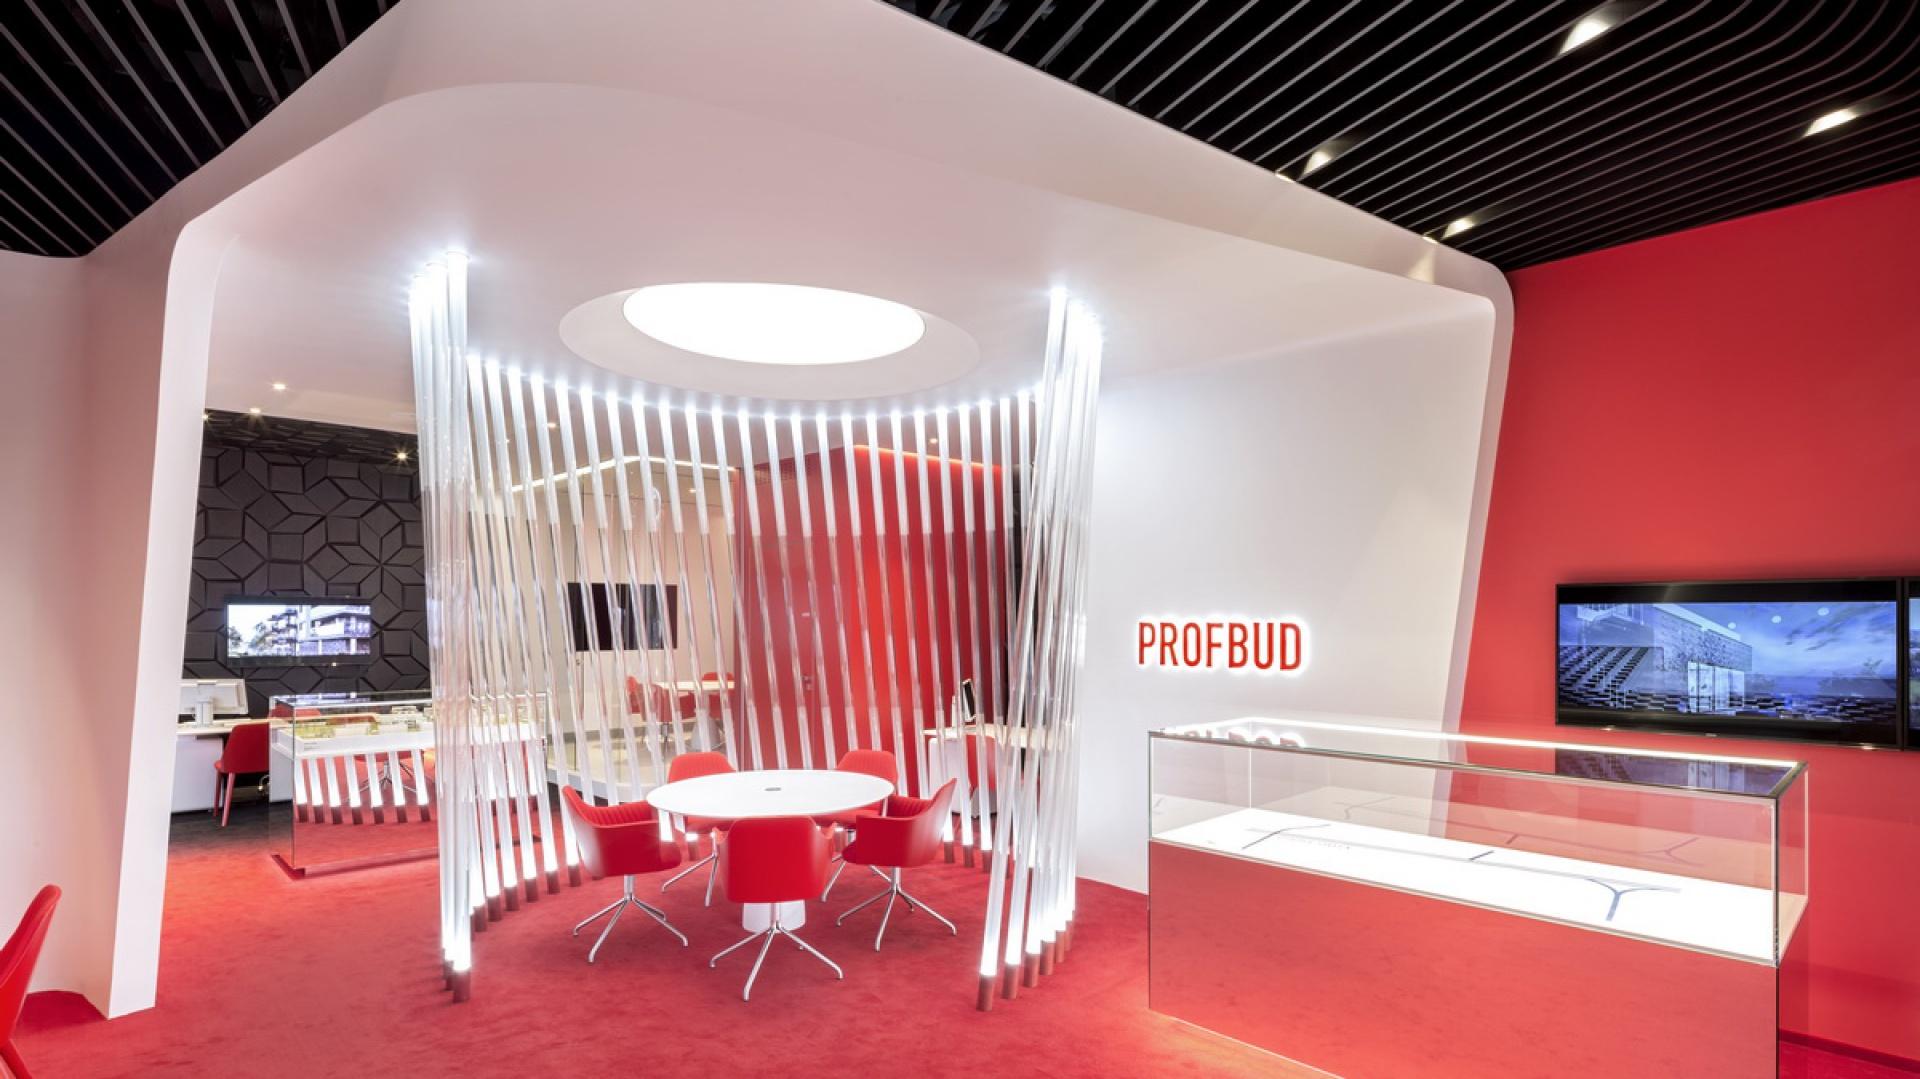 O wyposażenie Salonu w nowoczesne i designerskie rozwiązania zadbało studio THIS, zajmujące się m.in. wzornictwem przemysłowym i architekturą w obszarze detali i wnętrz. Fot.Szymon Polański